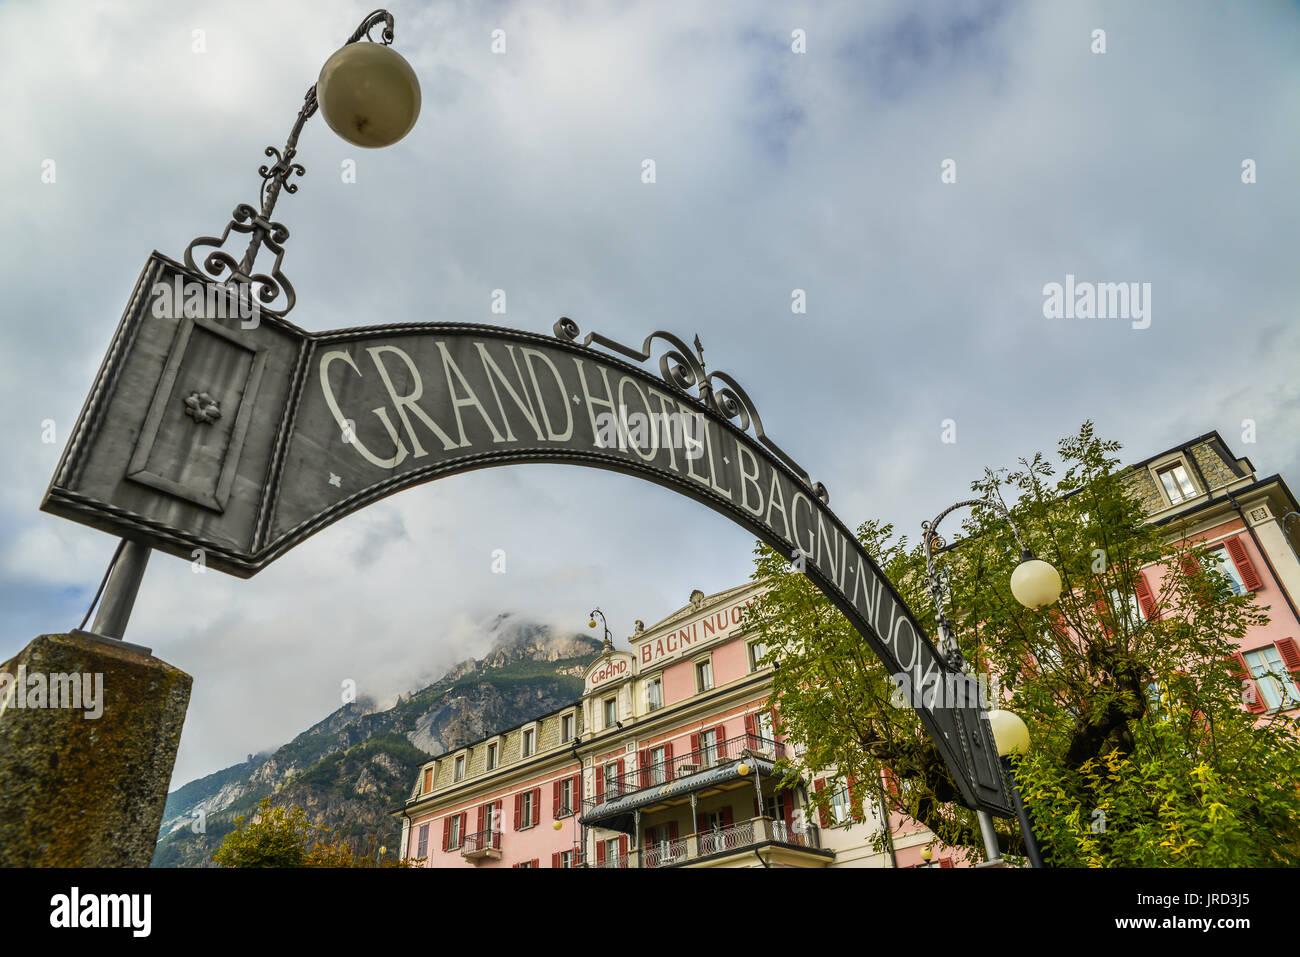 Grand Hotel Bagni Nuovi in Bormio, Italy Stock Photo: 152108269 - Alamy